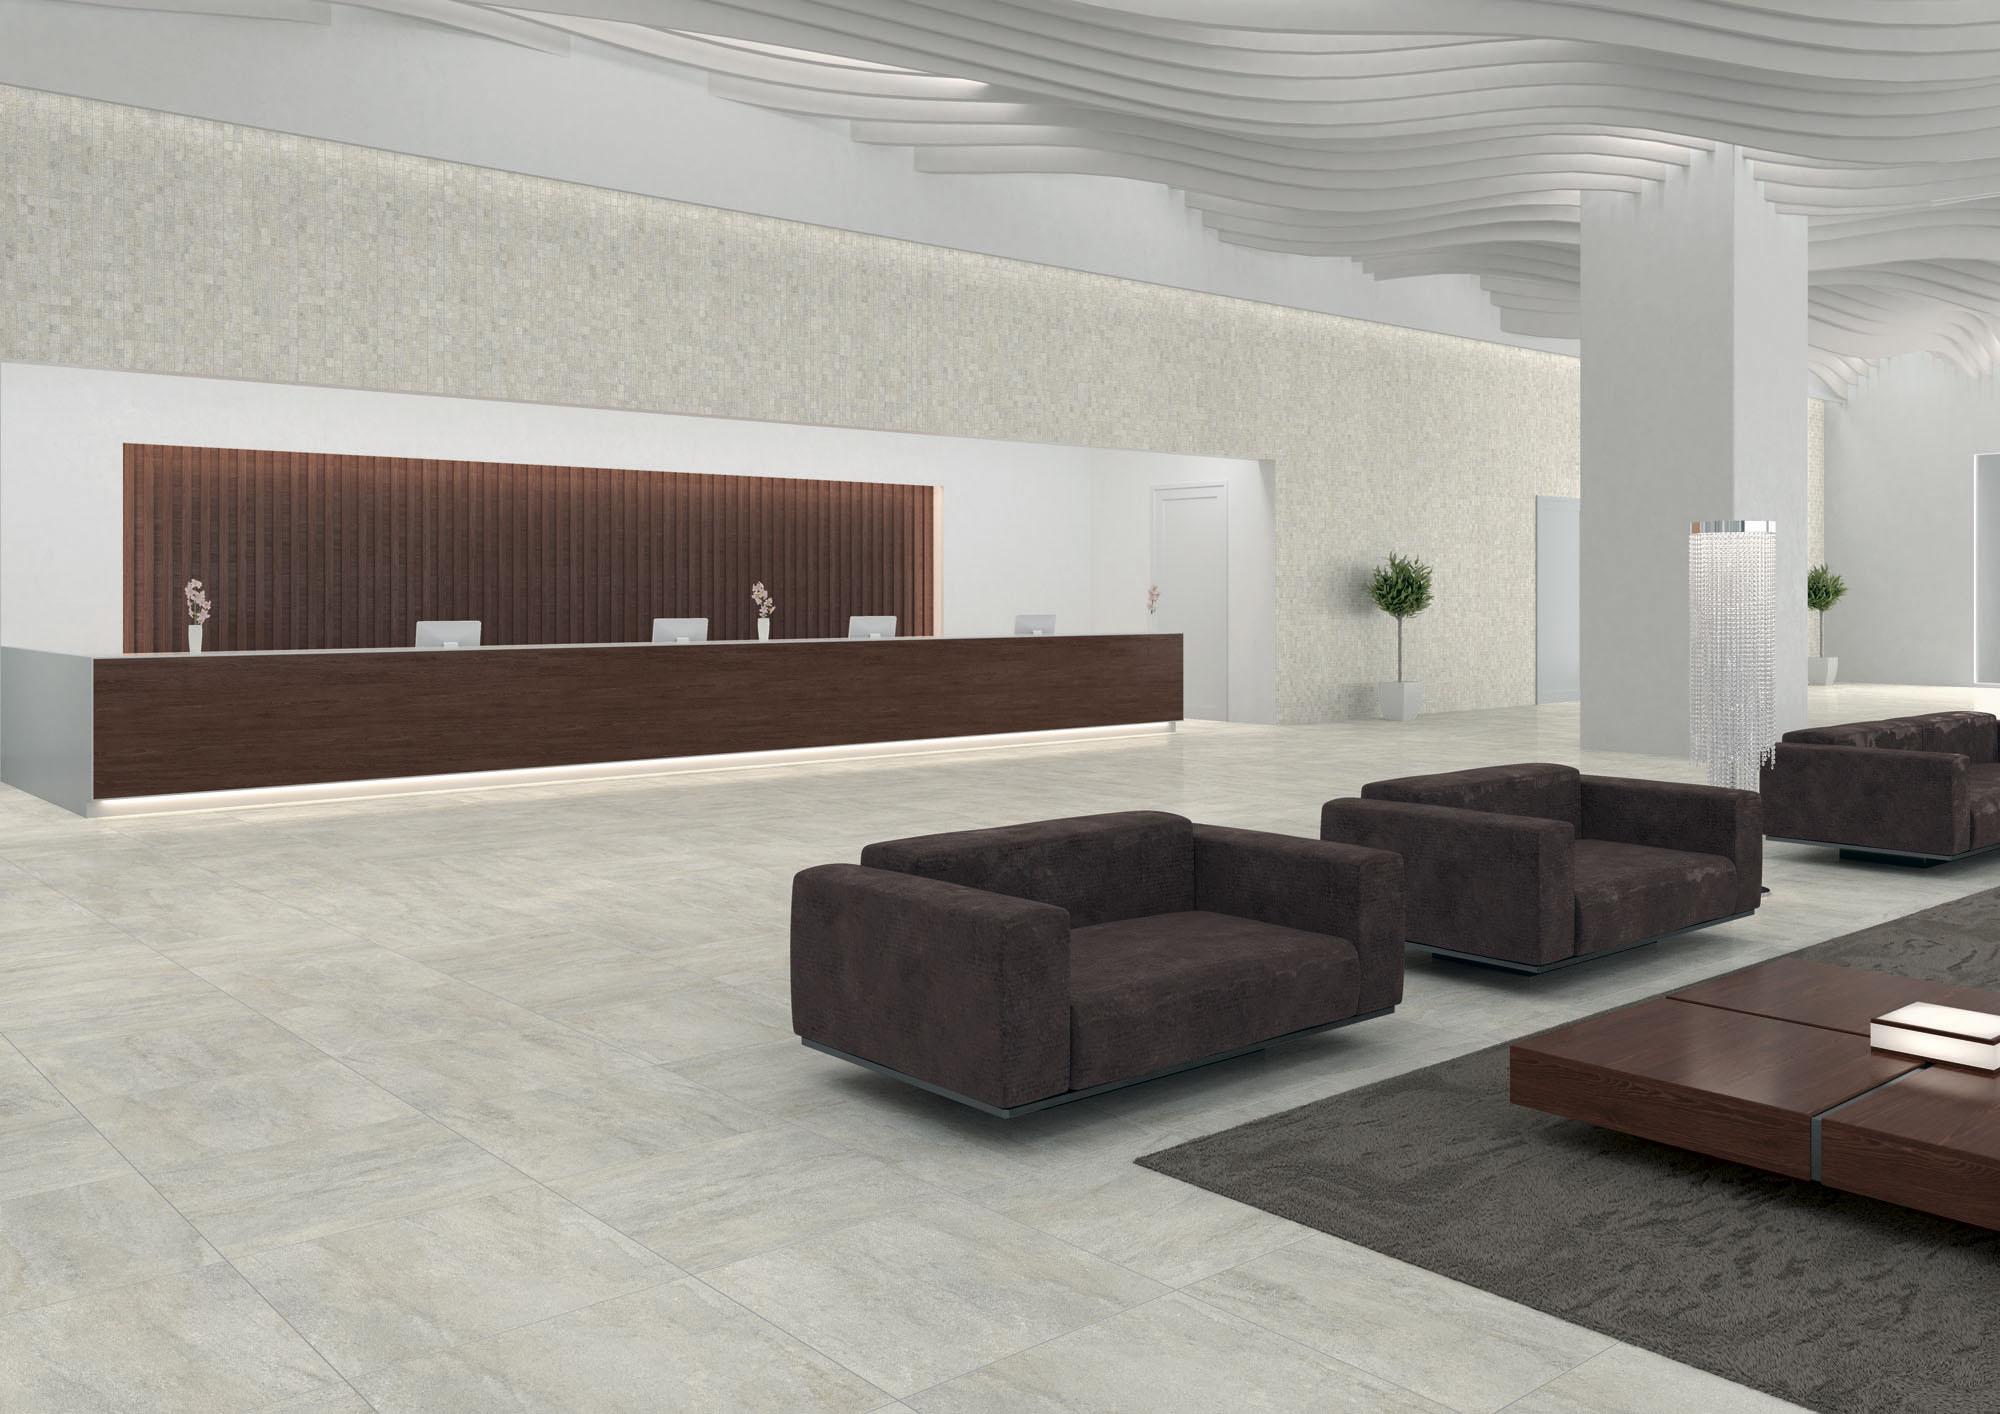 Dakar Light Grey_Hotel amb